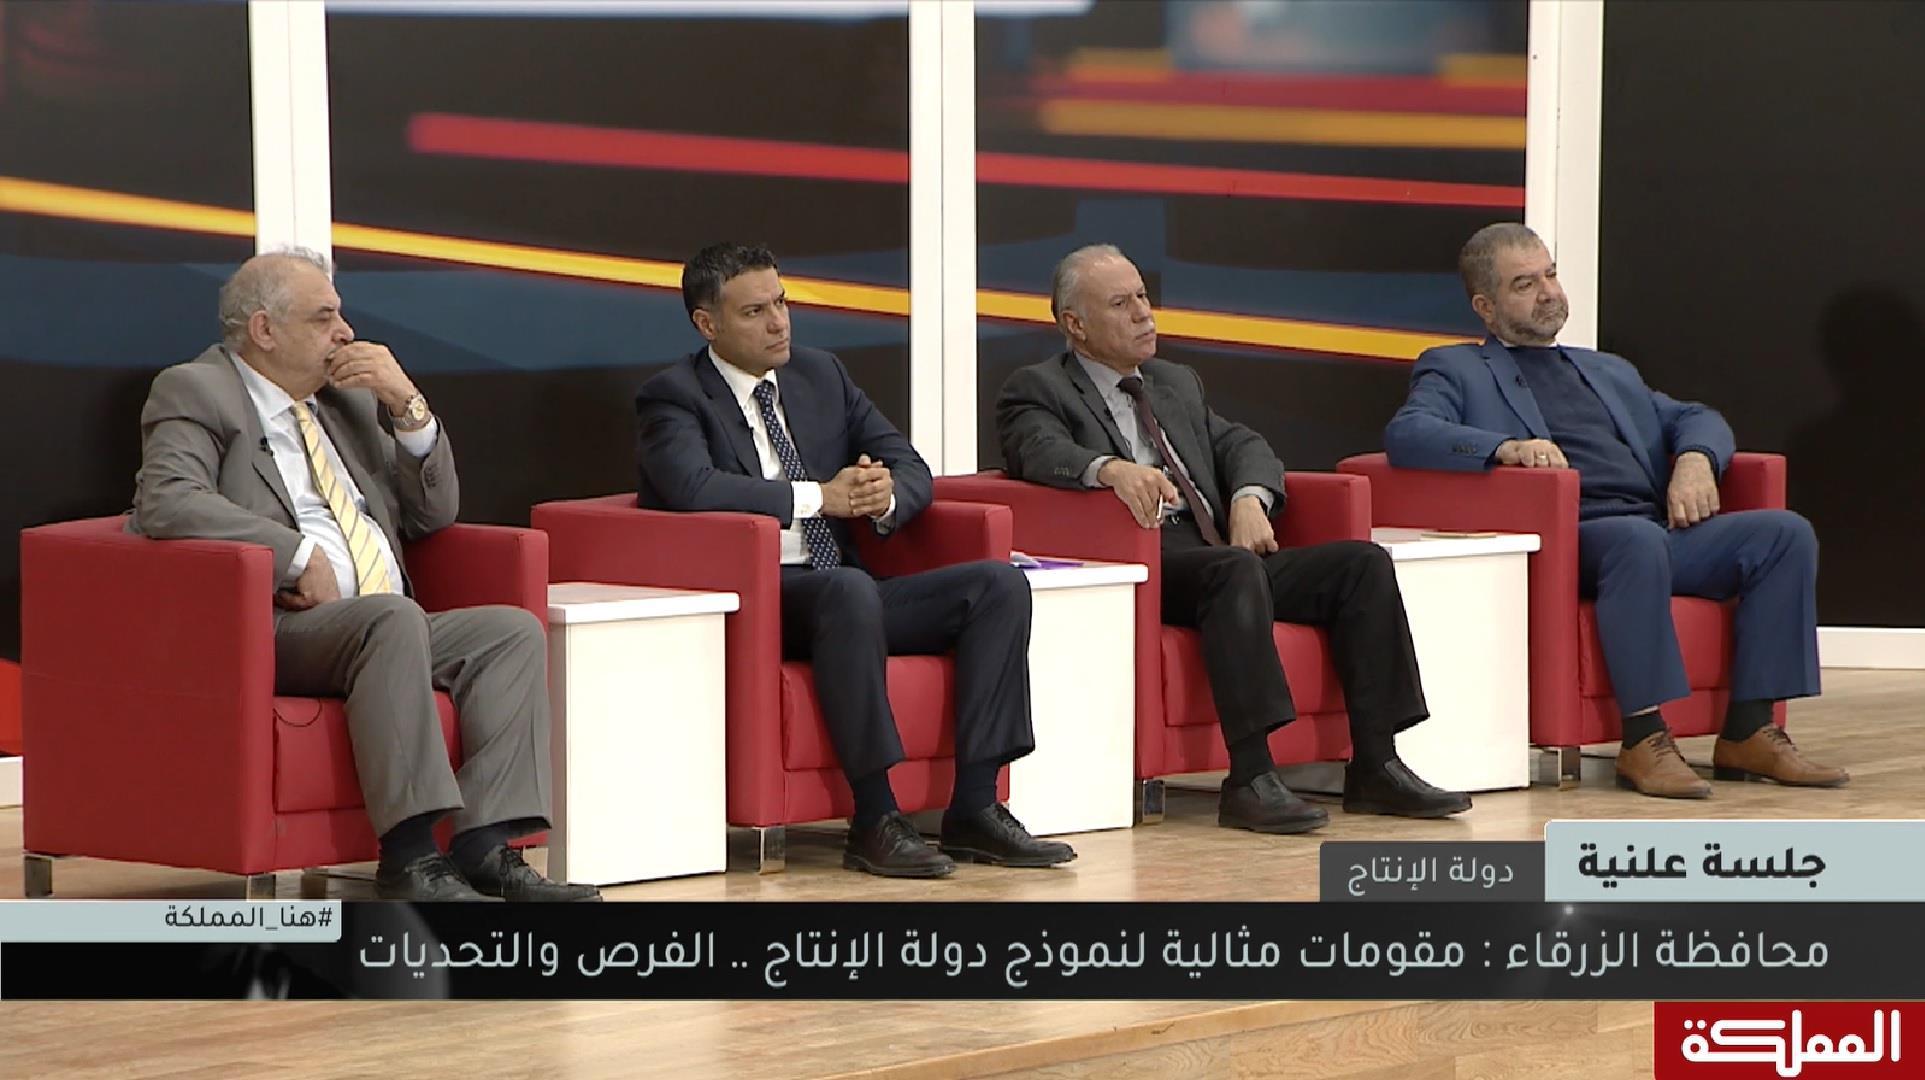 جلسة علنية | دولة الإنتاج .. محافظة الزرقاء نموذجا .. الجزء الثاني